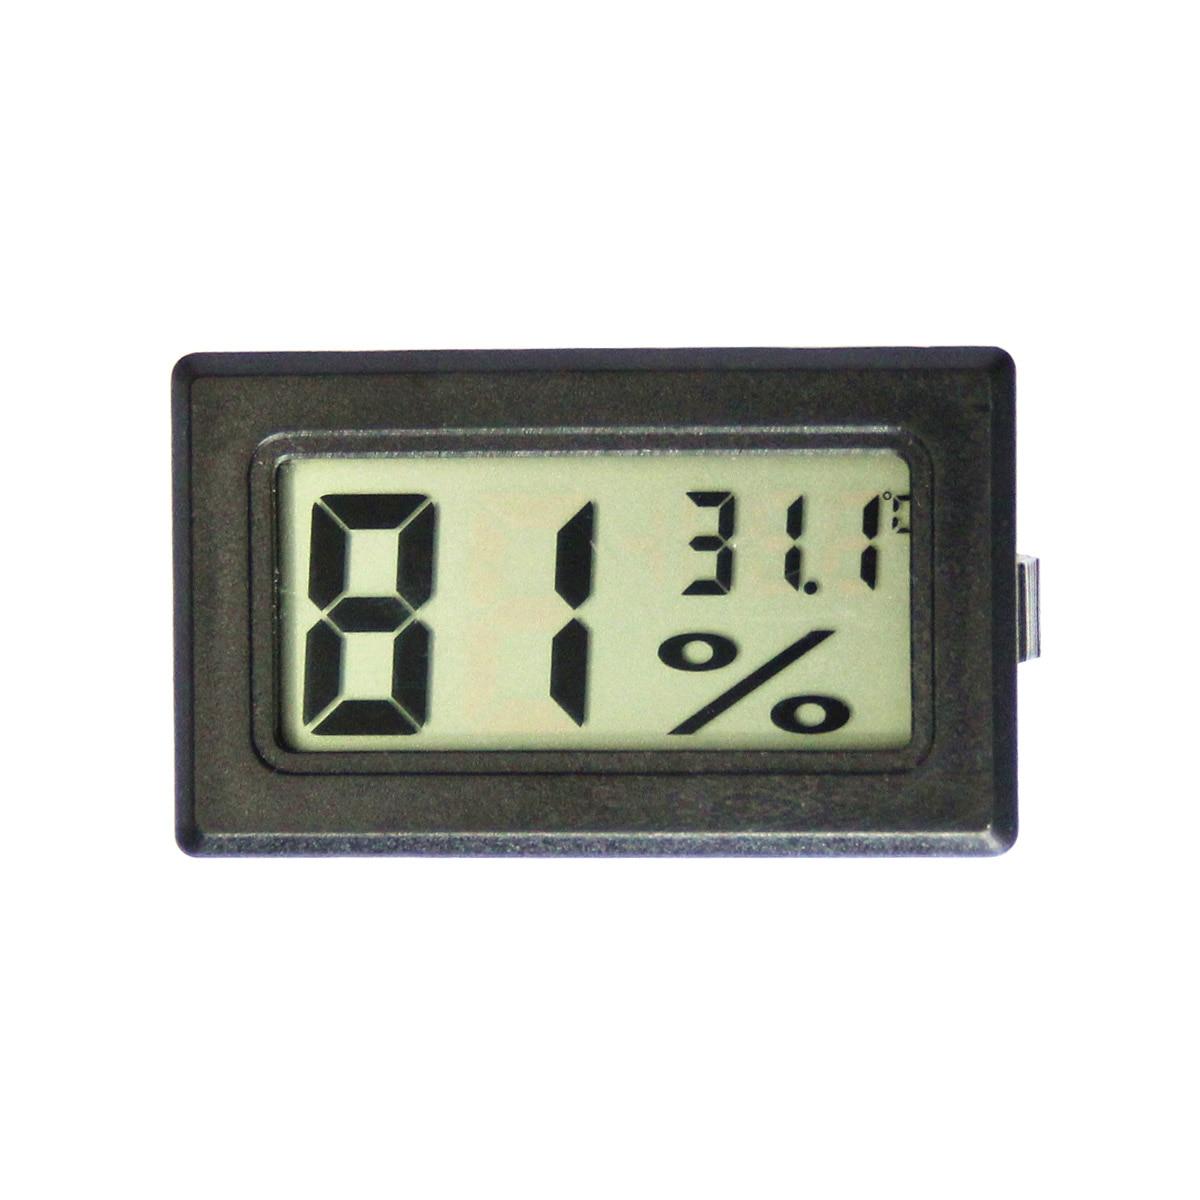 MOSEKO Hot Koop Mini Digitale LCD Indoor Handig Temperatuursensor Vochtigheidsmeter Thermometer Hygrometer Gauge